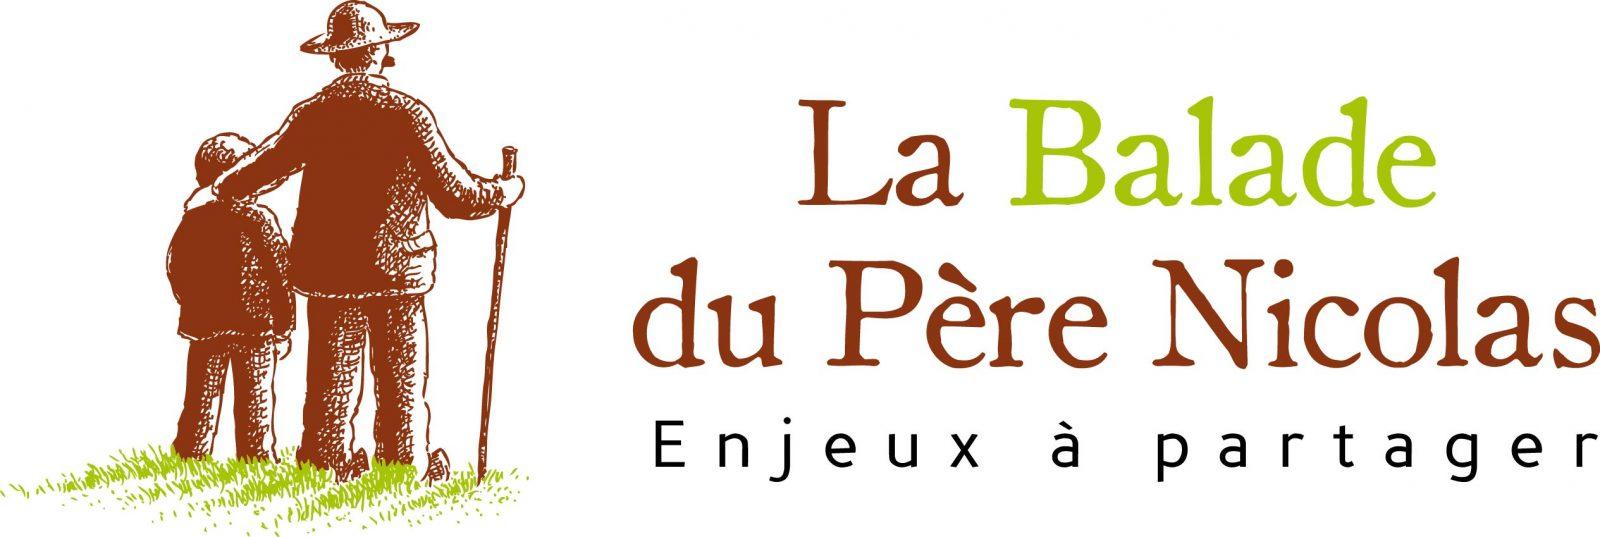 LogoPereNicolas01